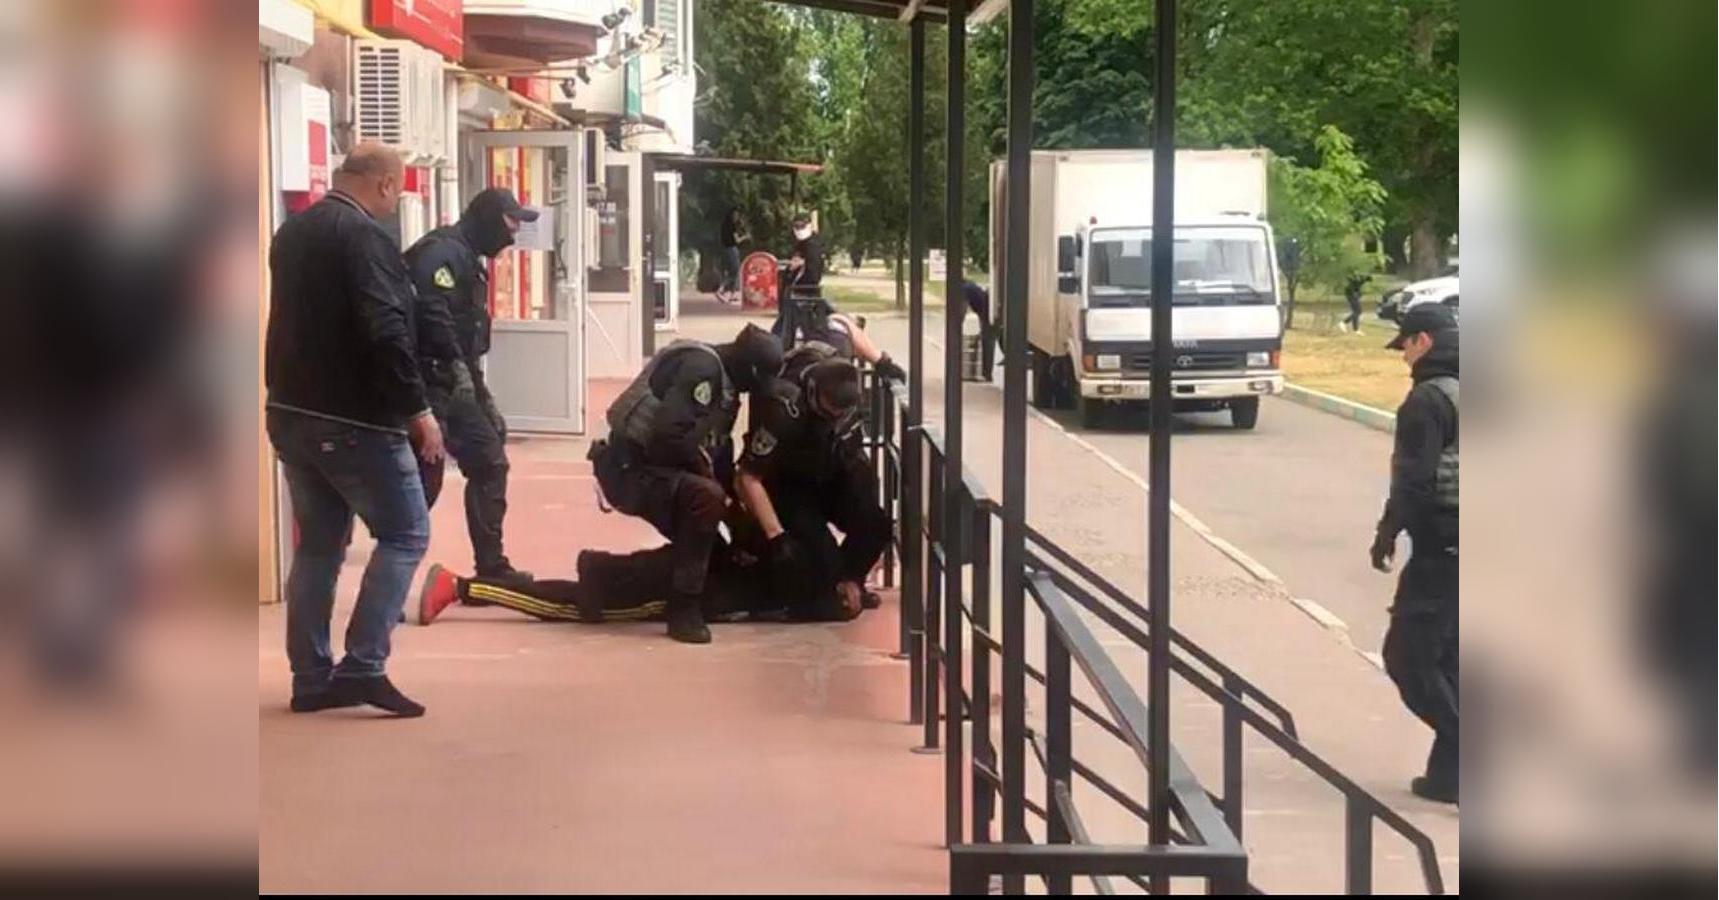 Мстил прокурорам: в Каховке кинологи выследили поджигателя прокуратуры (фото, видео)